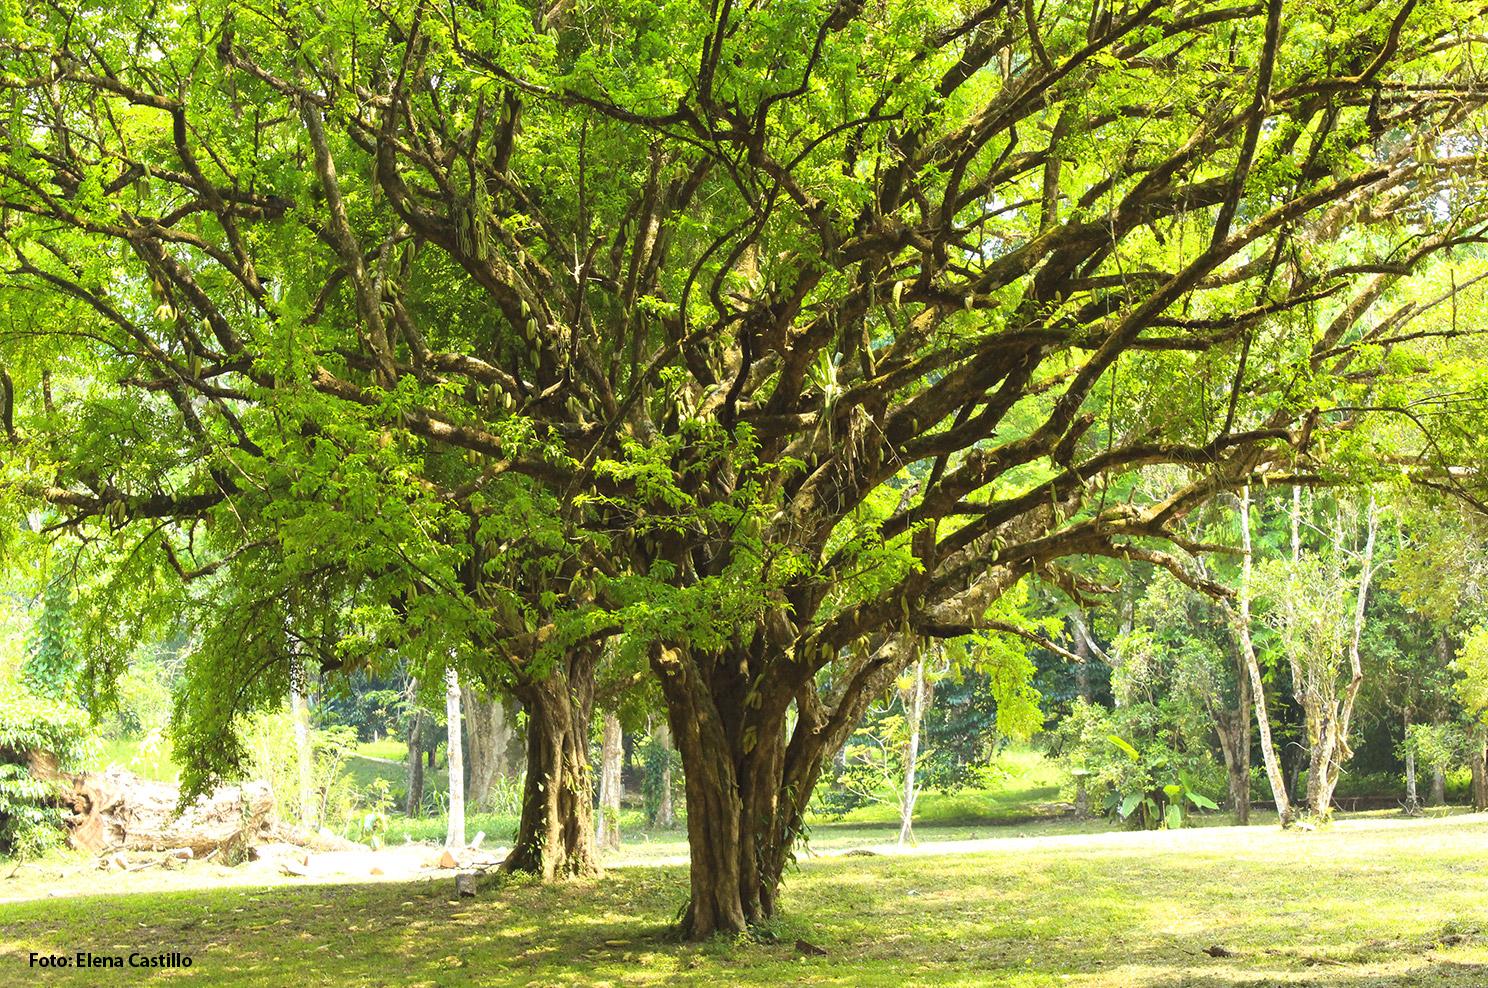 Conozca lancetilla un para so al norte de honduras for Arboles del jardin botanico